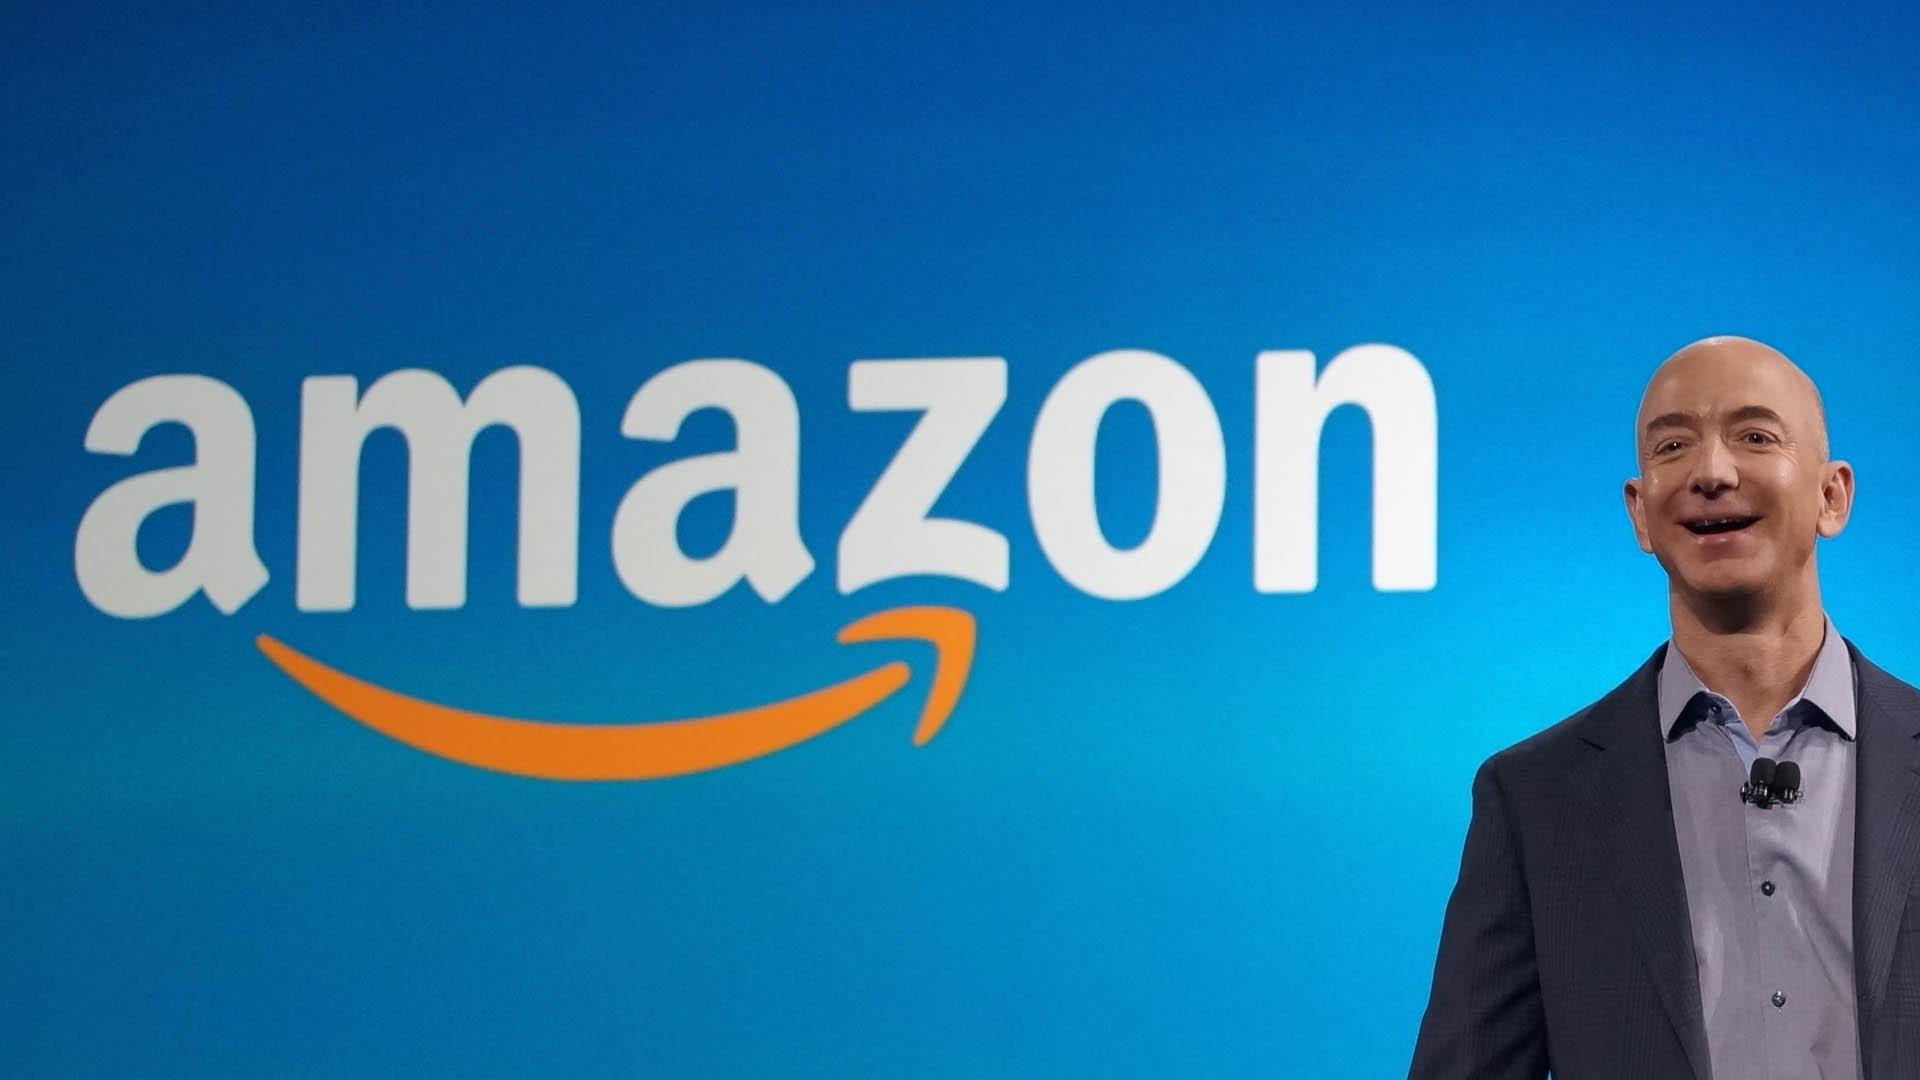 El creador y CEO de Amazon tiene pasatiempos, intereses y familia al igual que todos así que tu también puedes inspirarte y seguir sus consejos